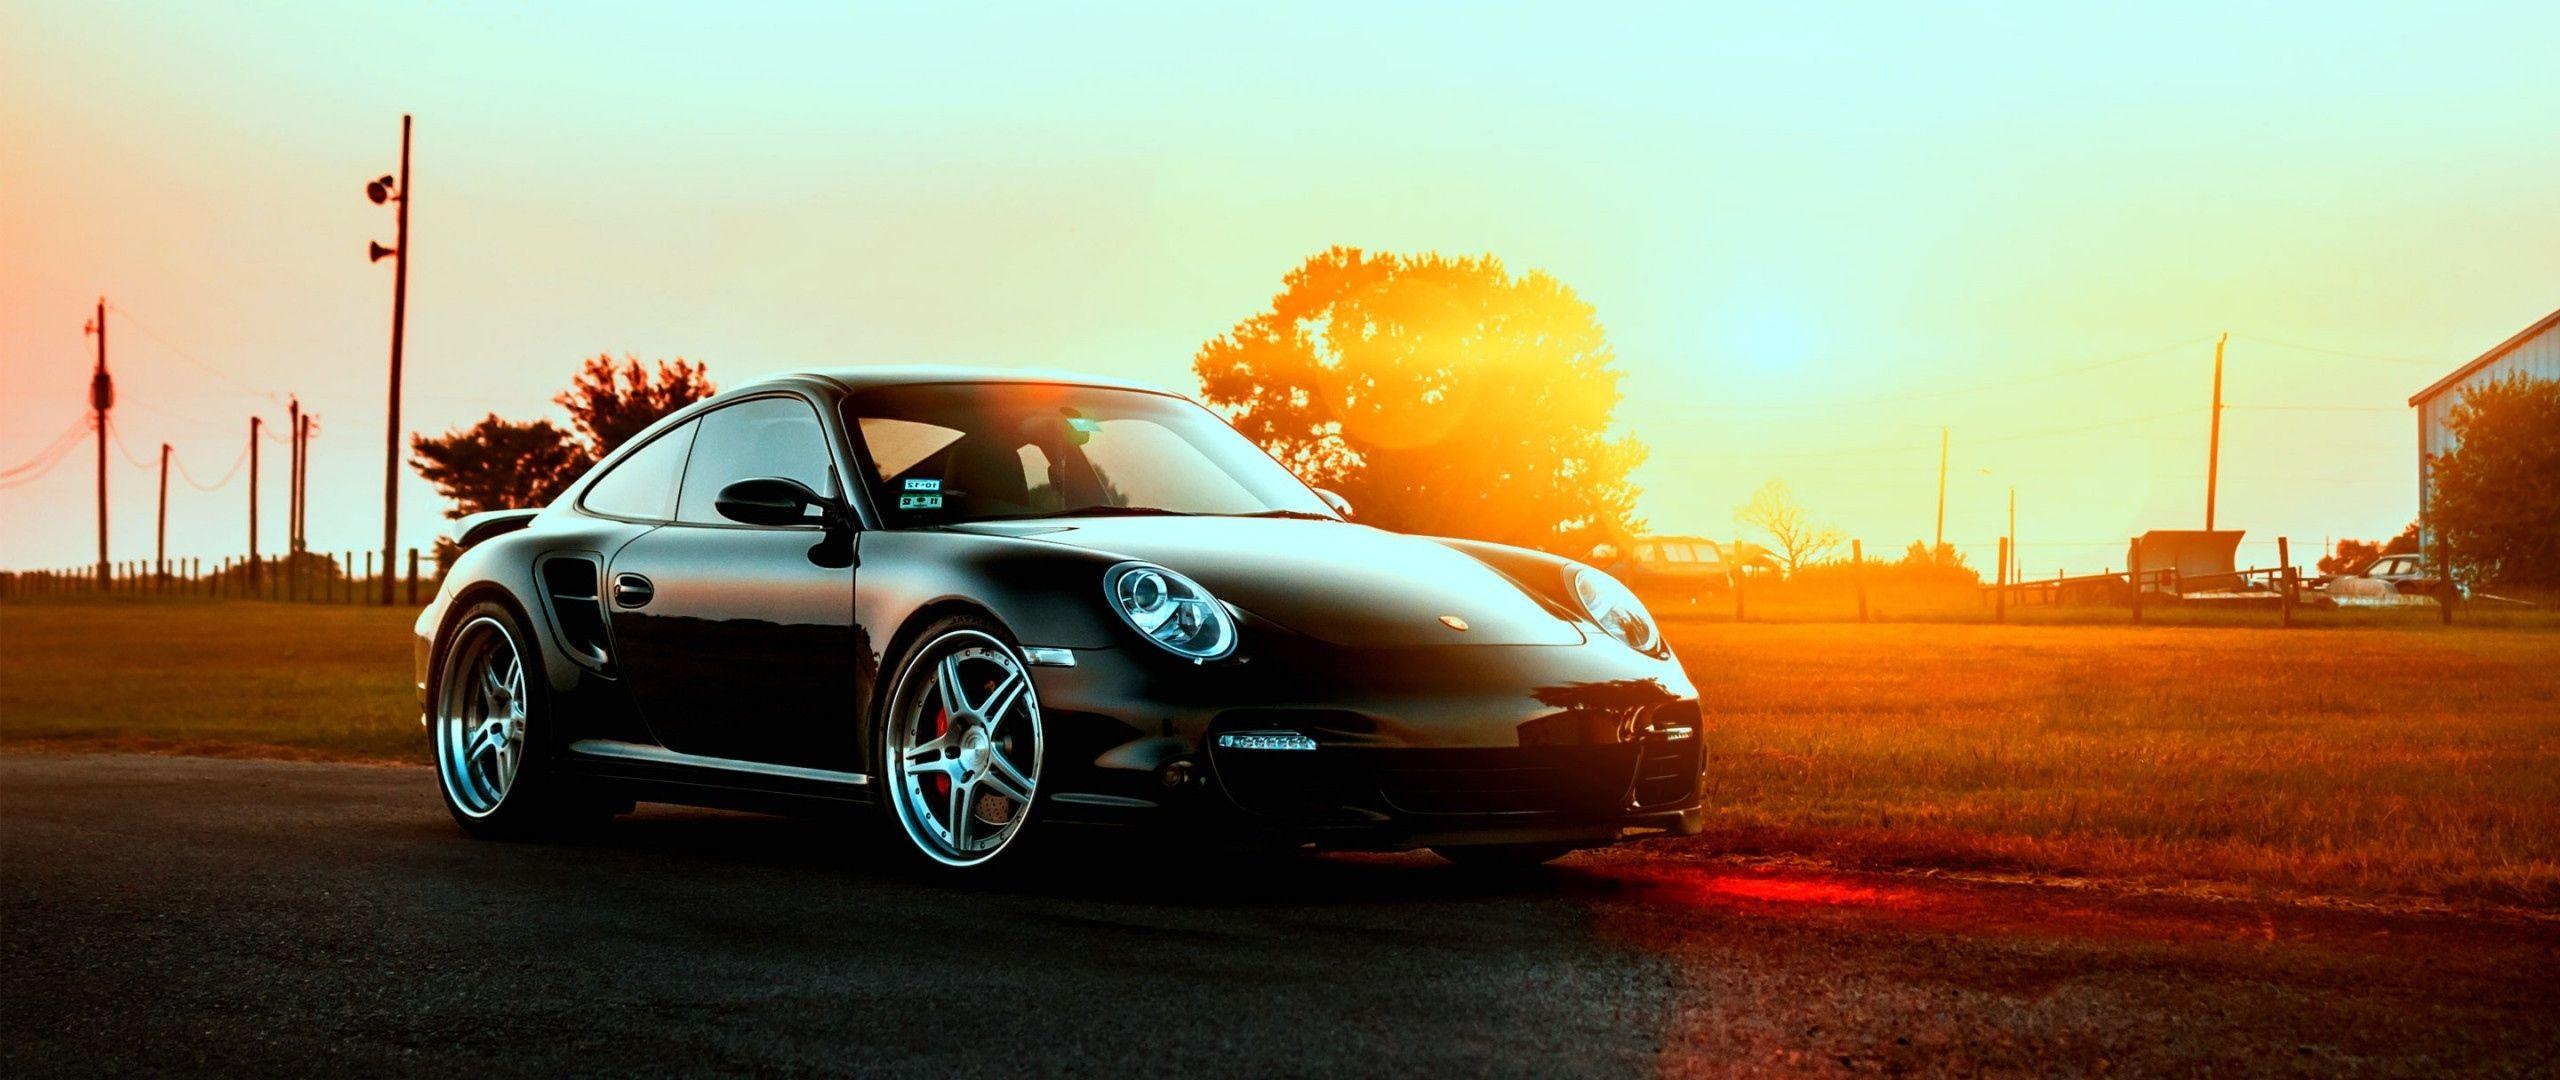 Porsche 997 Car Insurance Wallpapers Hd 1920x1080 Hd Car Wallpapers